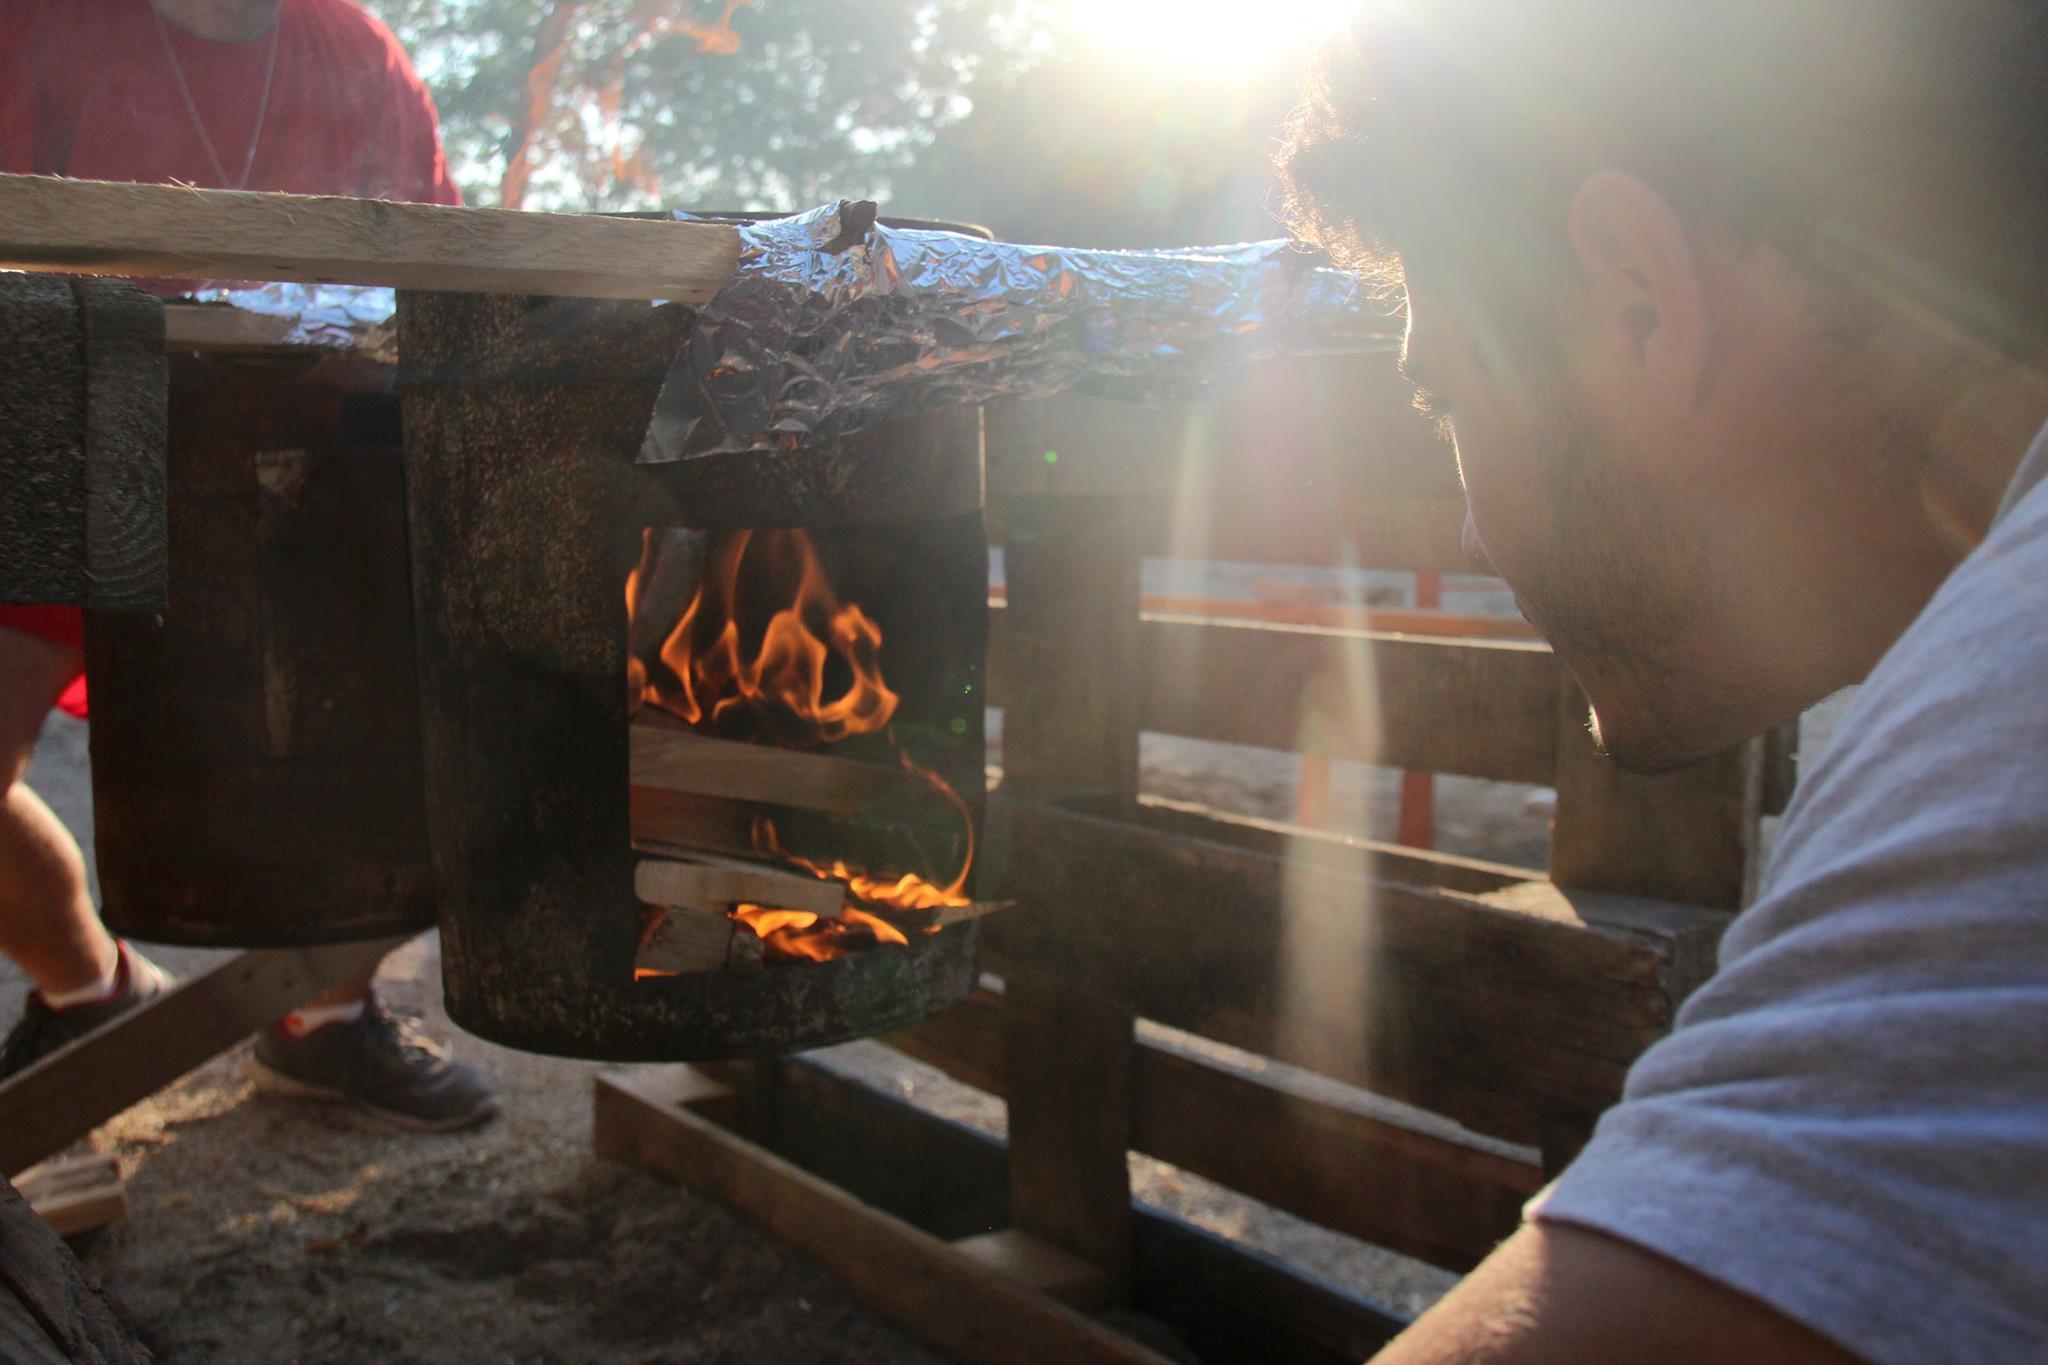 Bidoni roventi la gara di cucina su bidoni agesci salzano 1 for Idee per gara di cucina scout